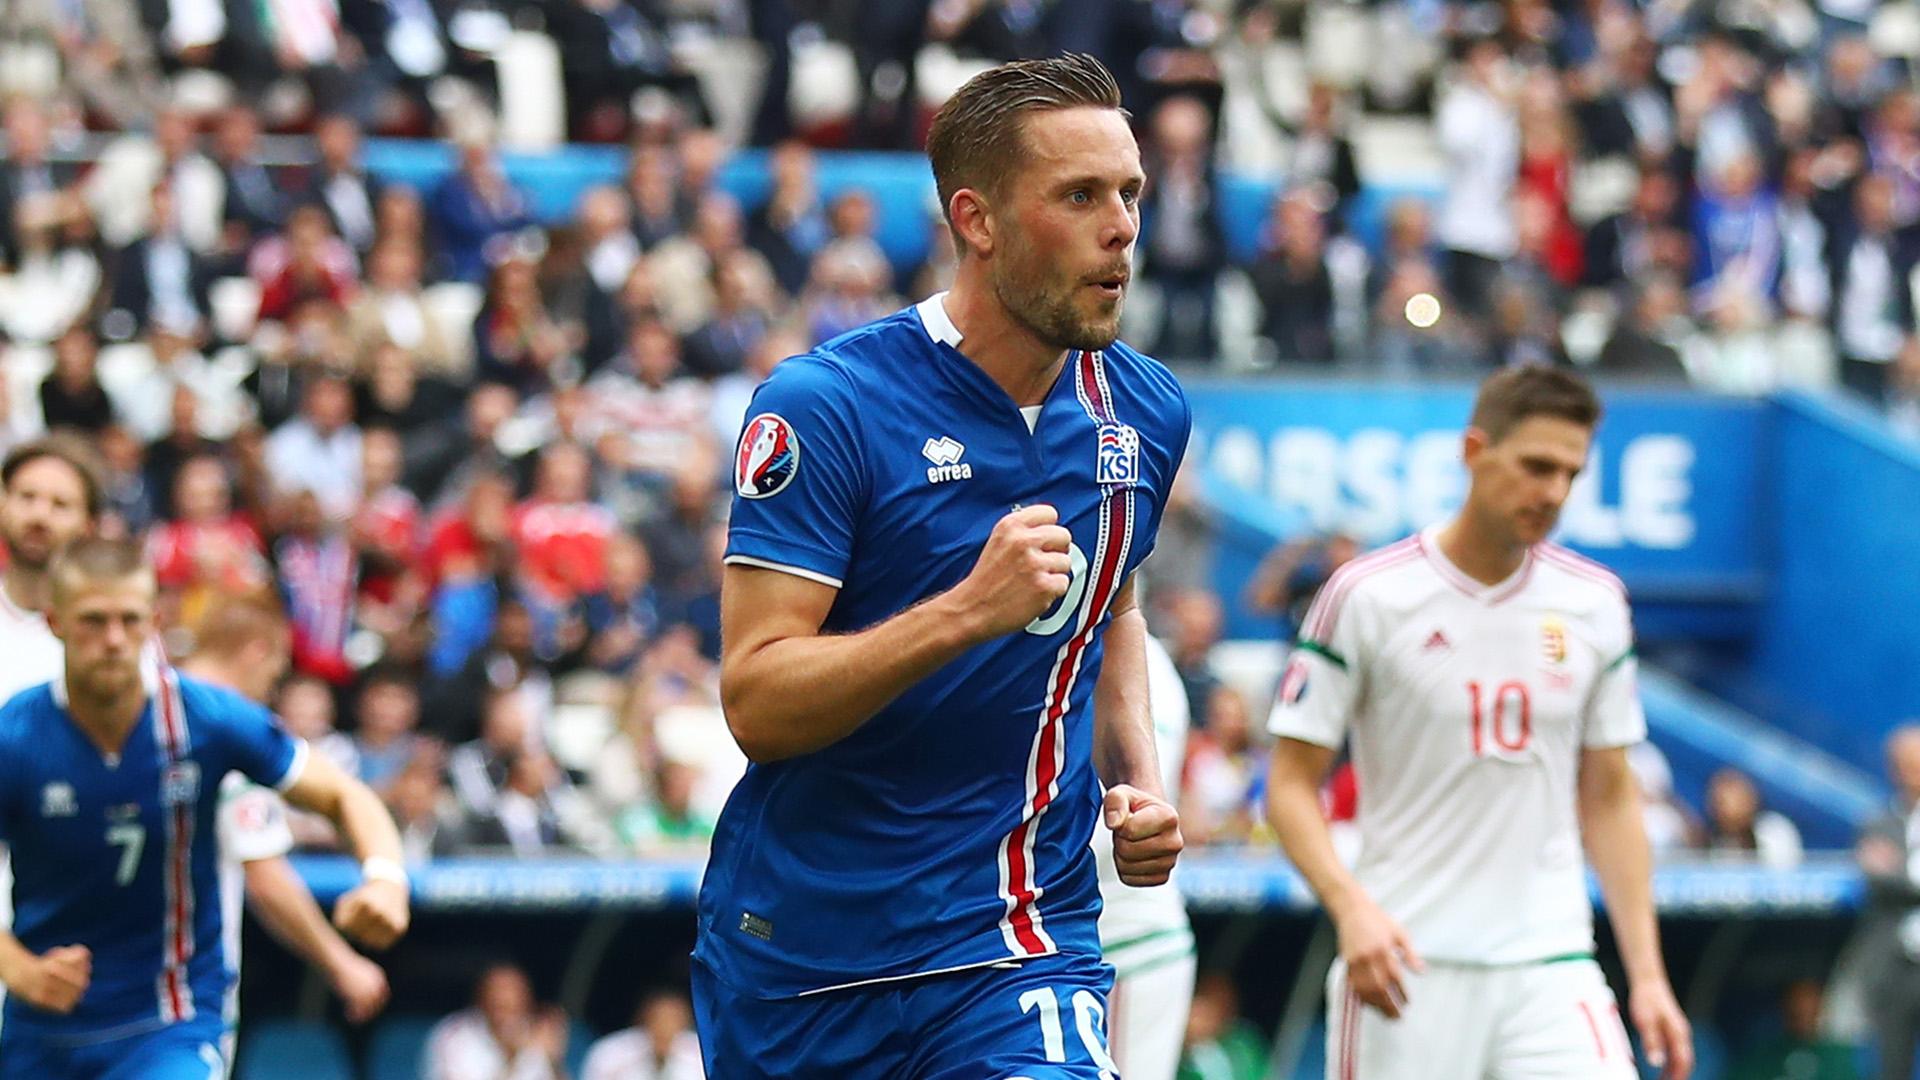 Gylfi Sigurdsson Iceland Hungary Euro 2016